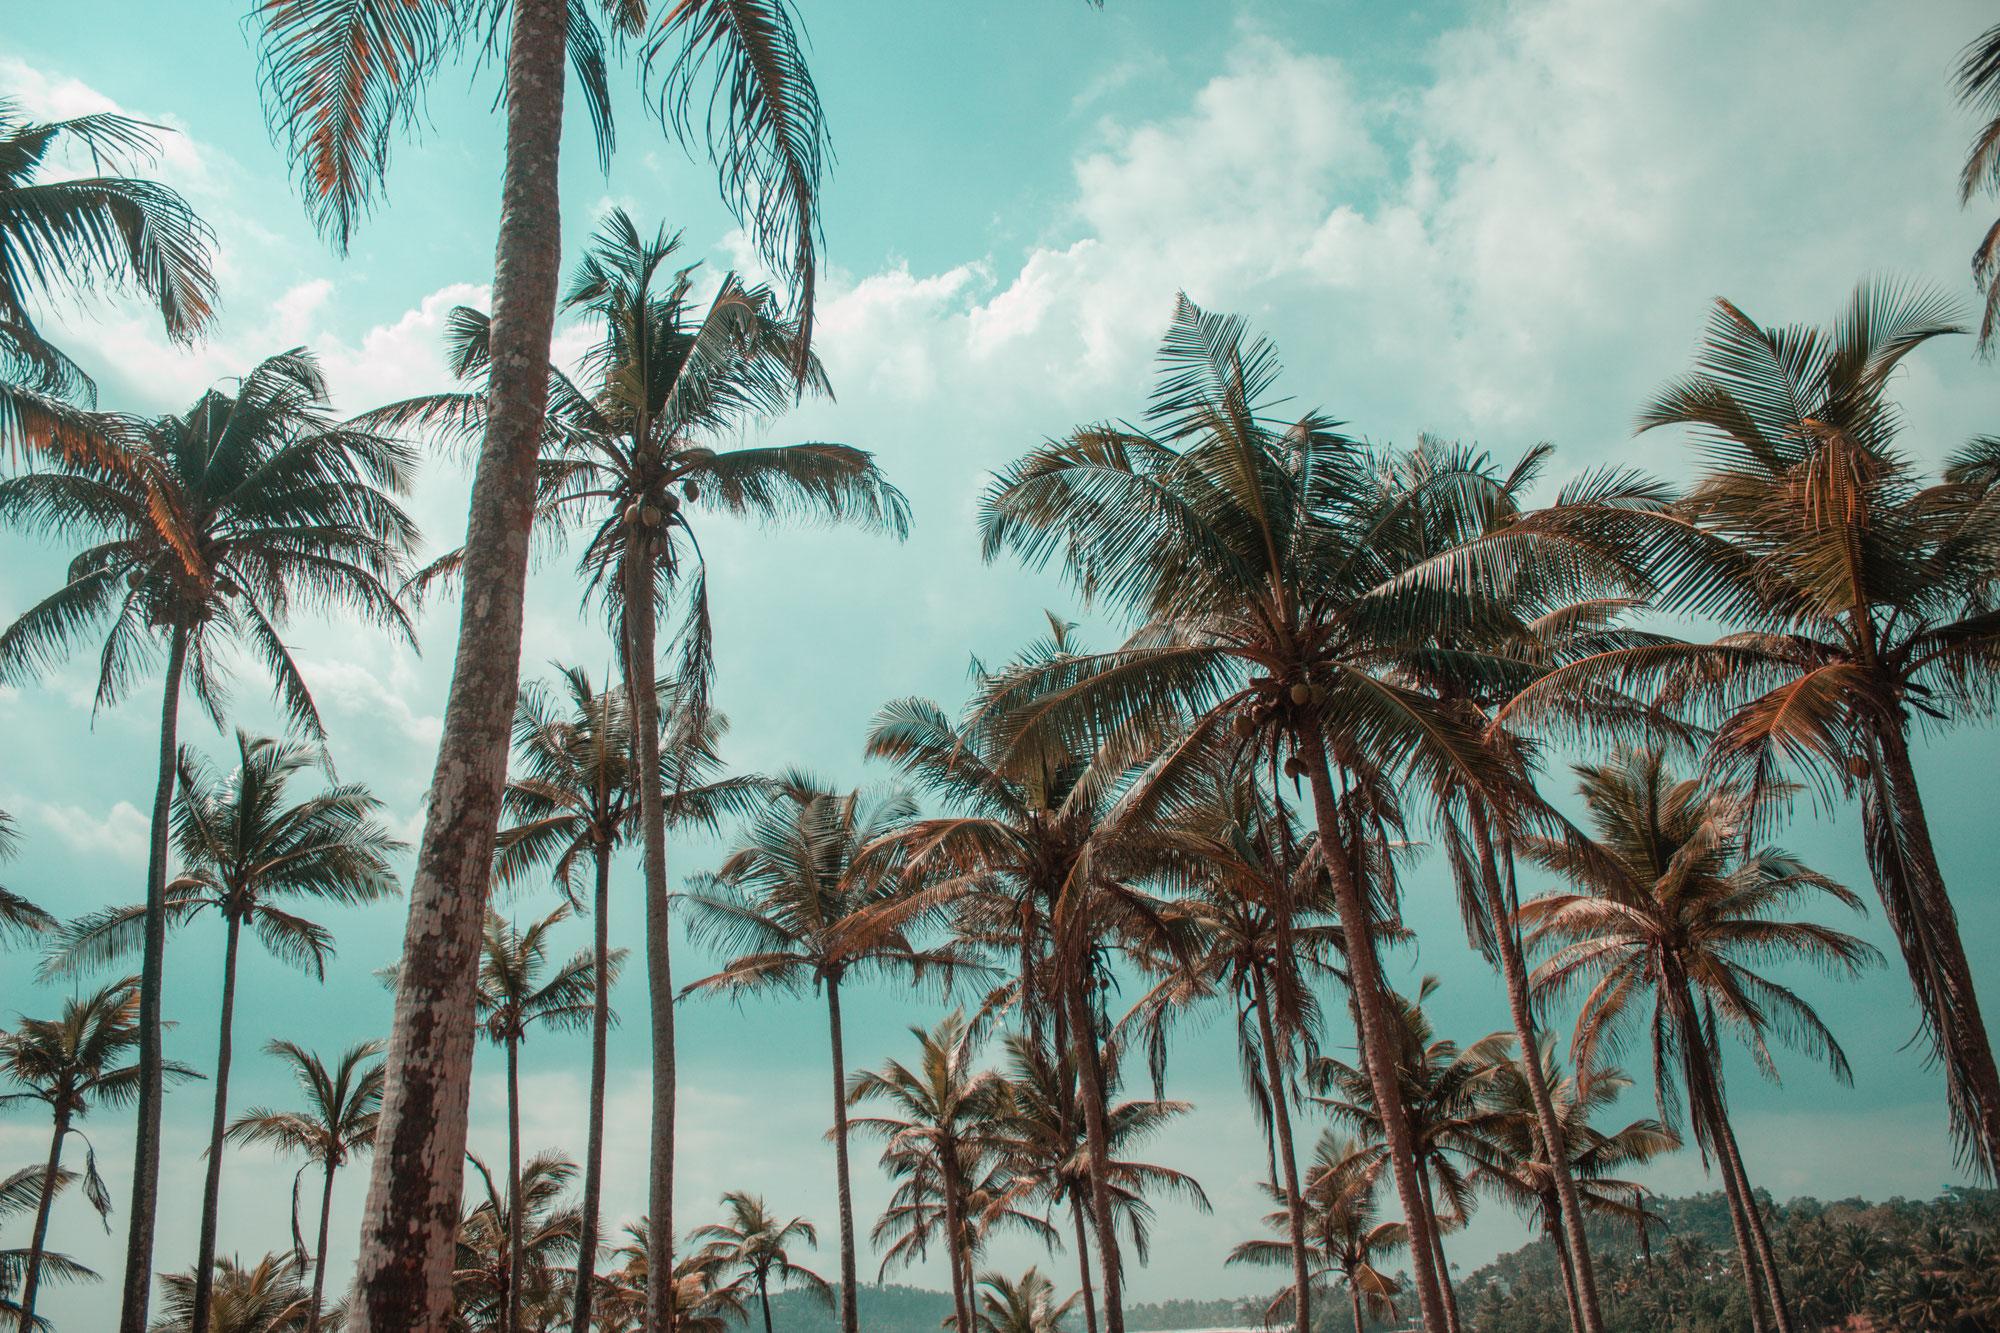 #38 Mein Sommerversprechen: Der erste Sommer ohne Essstörung